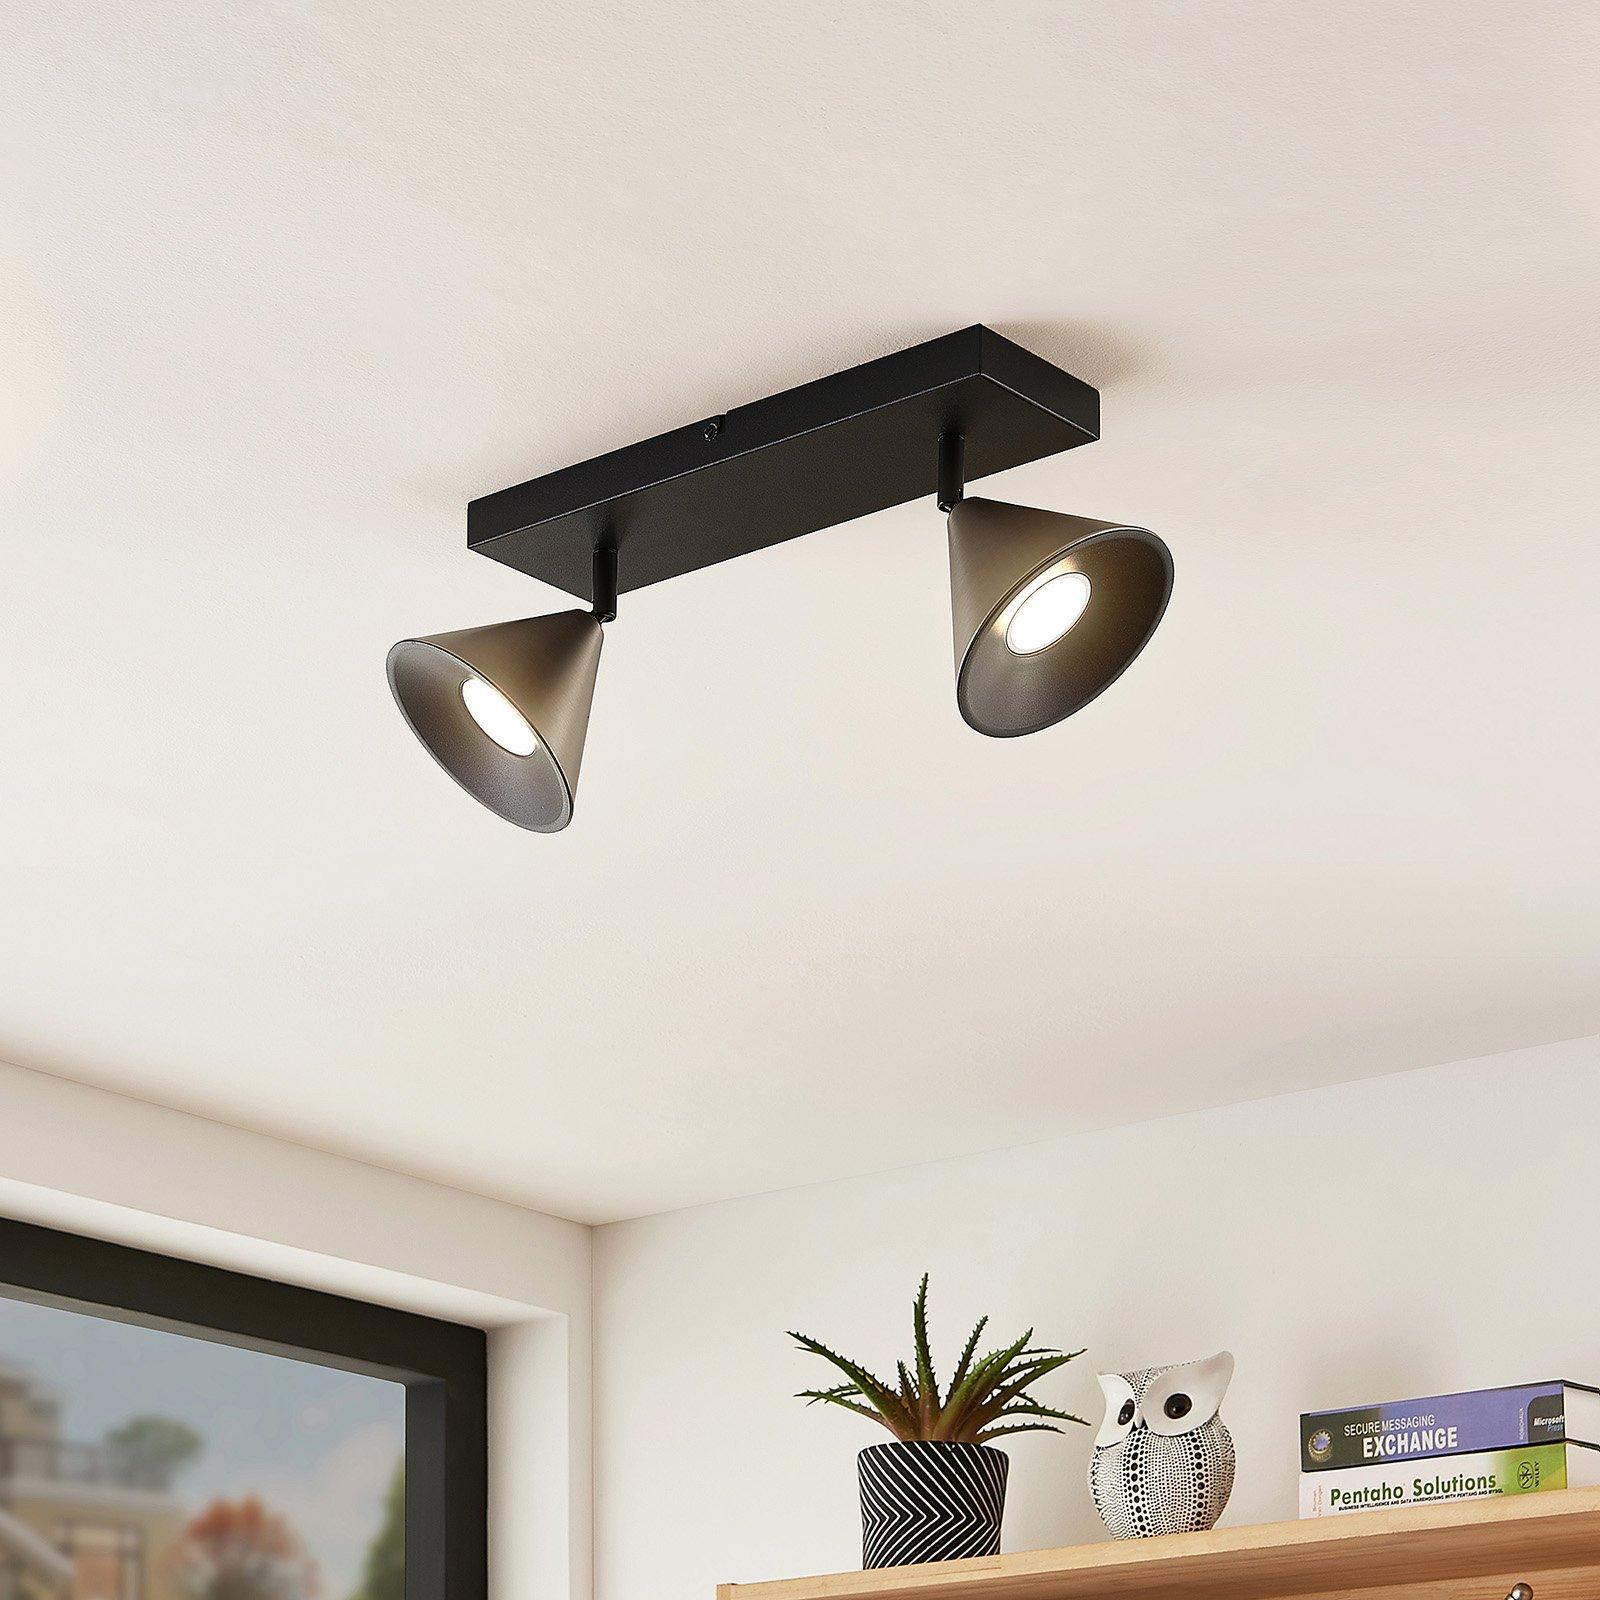 Lucande Kartio taklampe, 2 lys, dreibar, nikkel